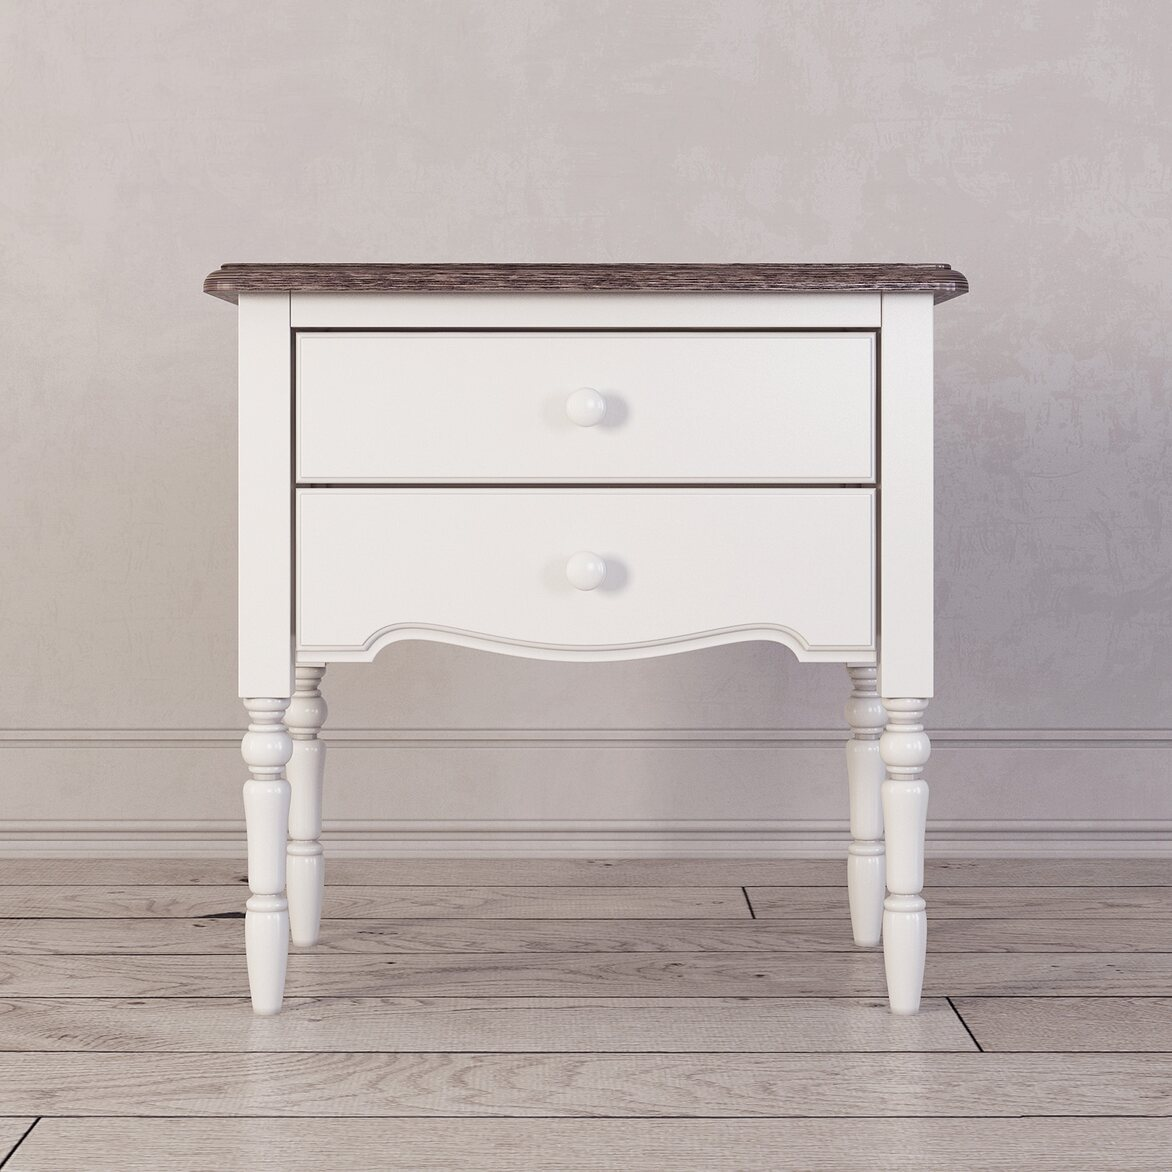 Прикроватная тумба с 2-я ящикaми Leblanc, белая | Прикроватные тумбы Kingsby